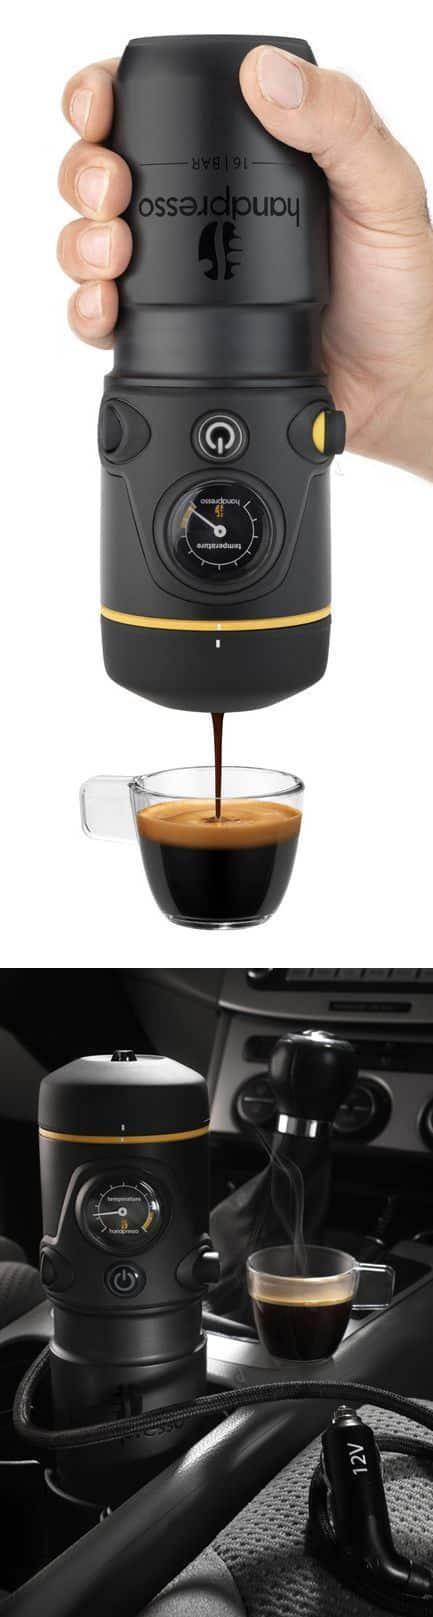 kaffemashiene_fuer_unterwegs